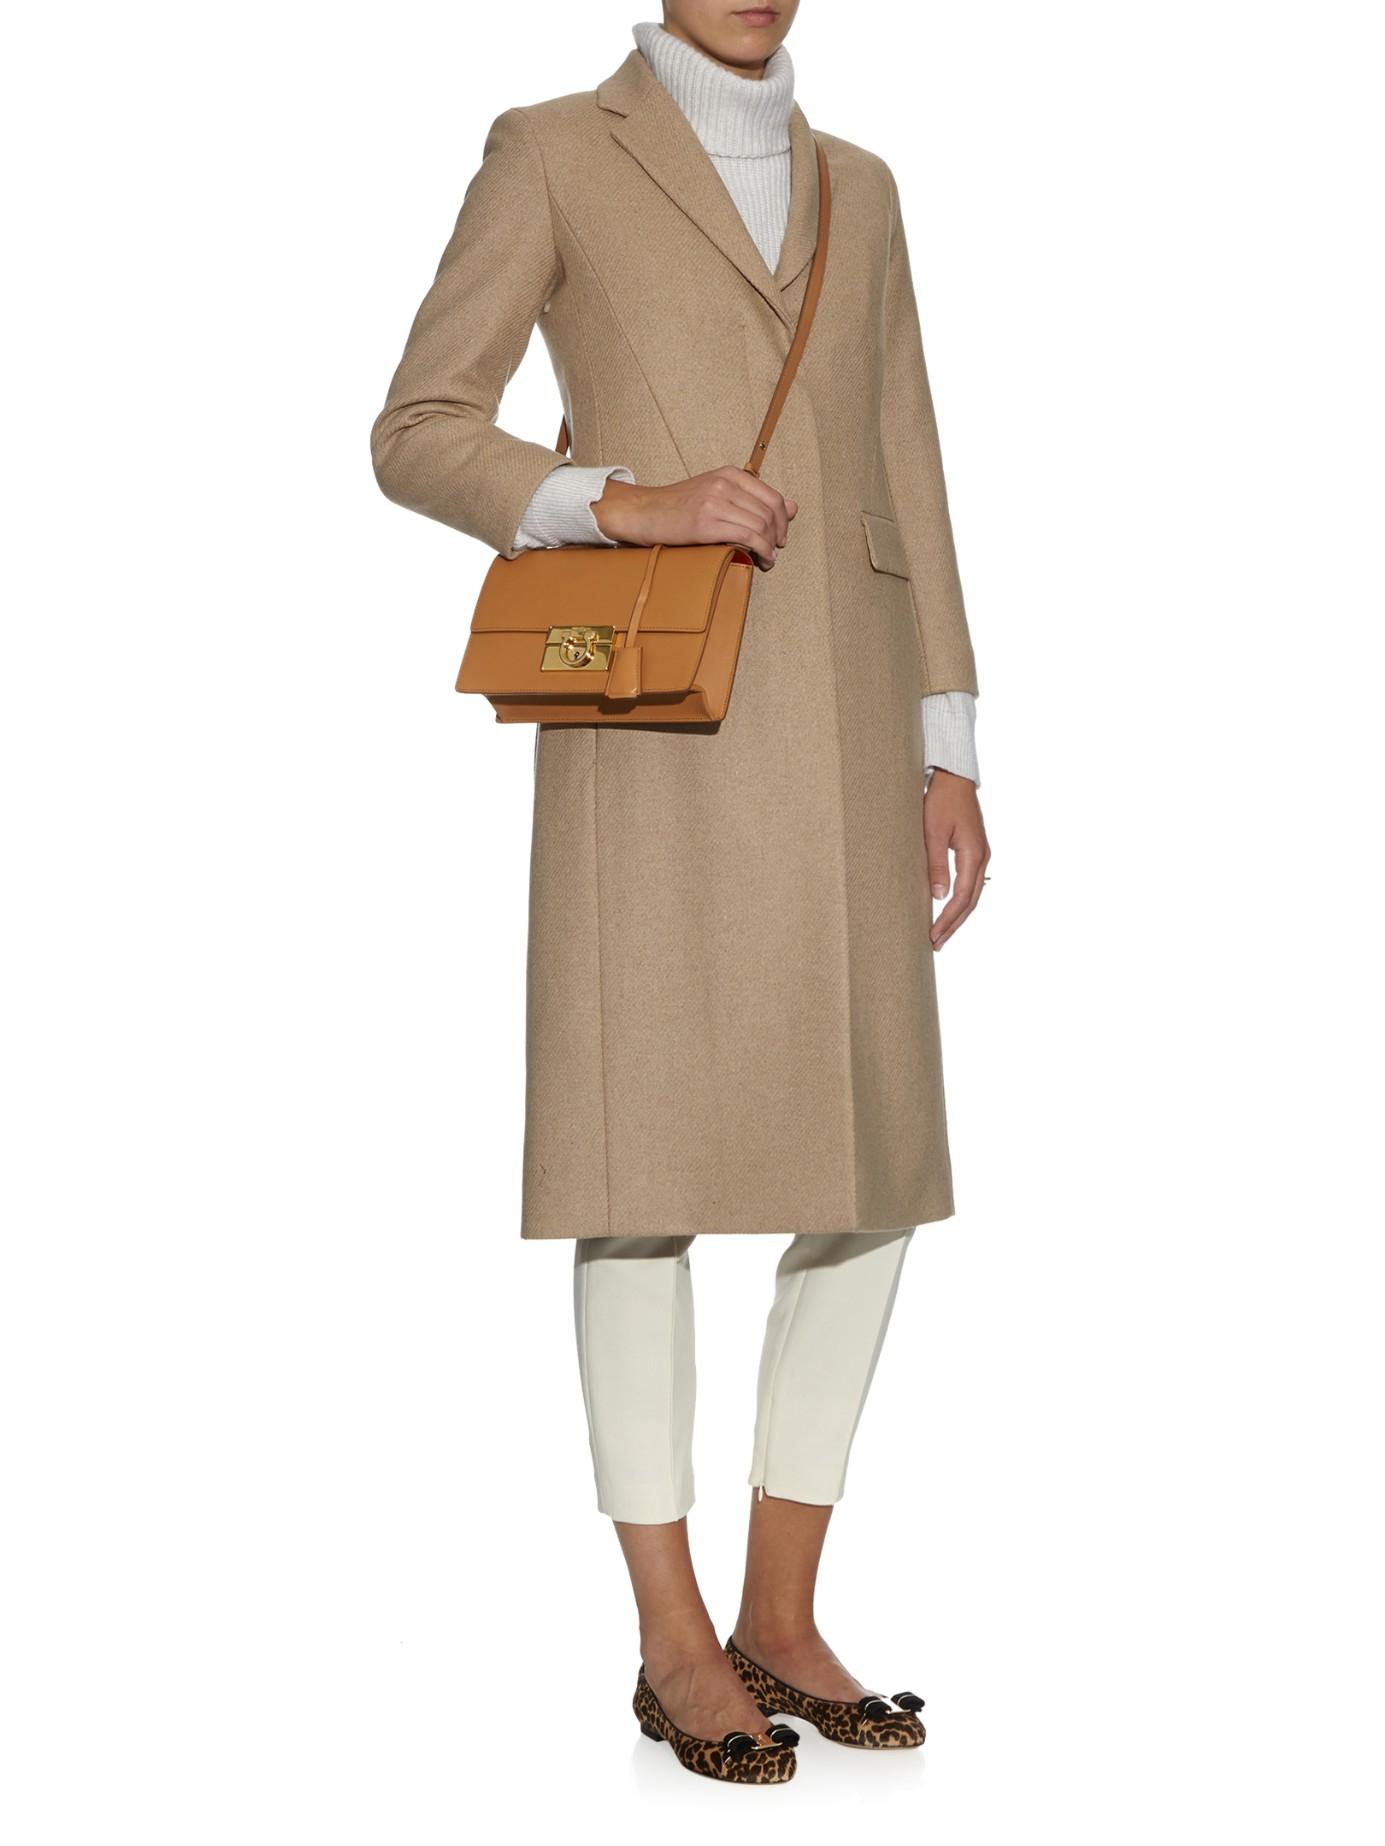 dd9c088008dd Ferragamo Aileen Medium Leather Cross-Body Bag in Brown - Lyst